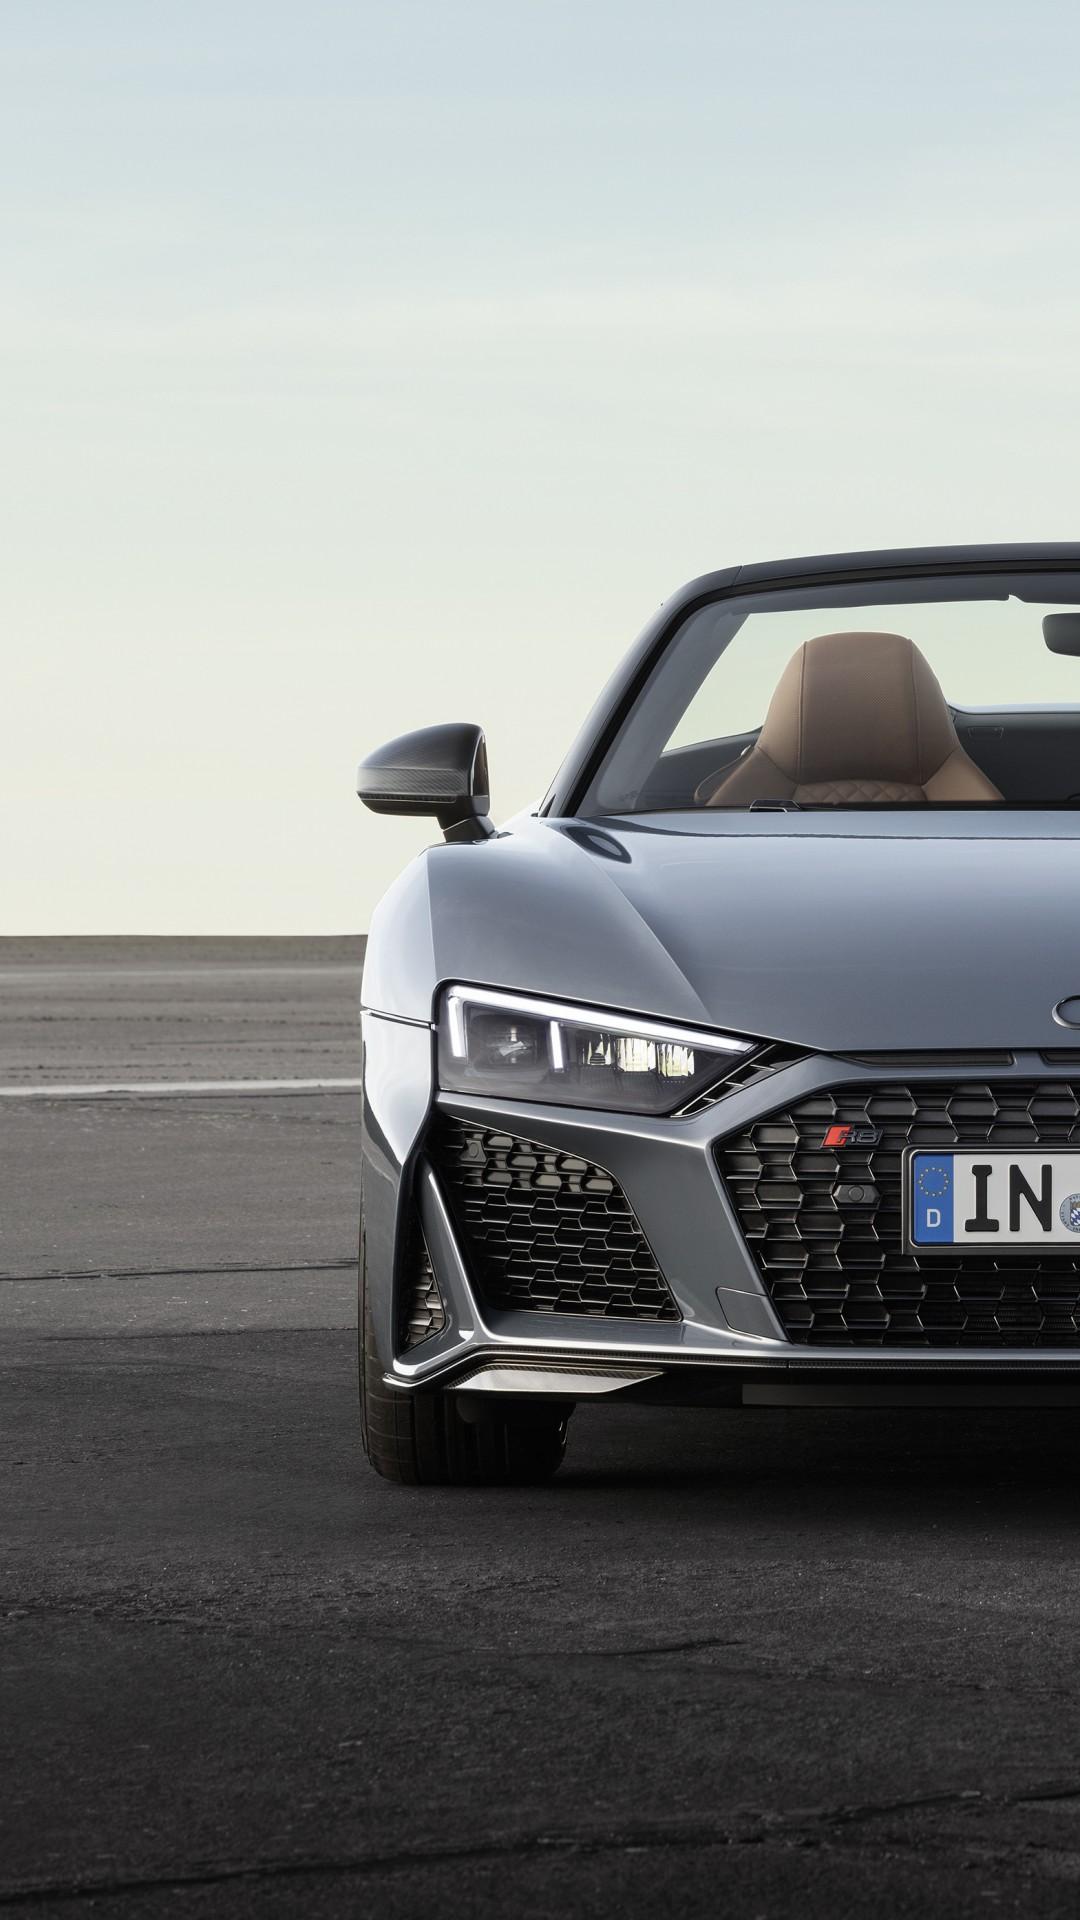 Wallpaper Audi R8 V10 Spyder, 2019 Cars, 4K, Cars & Bikes ...